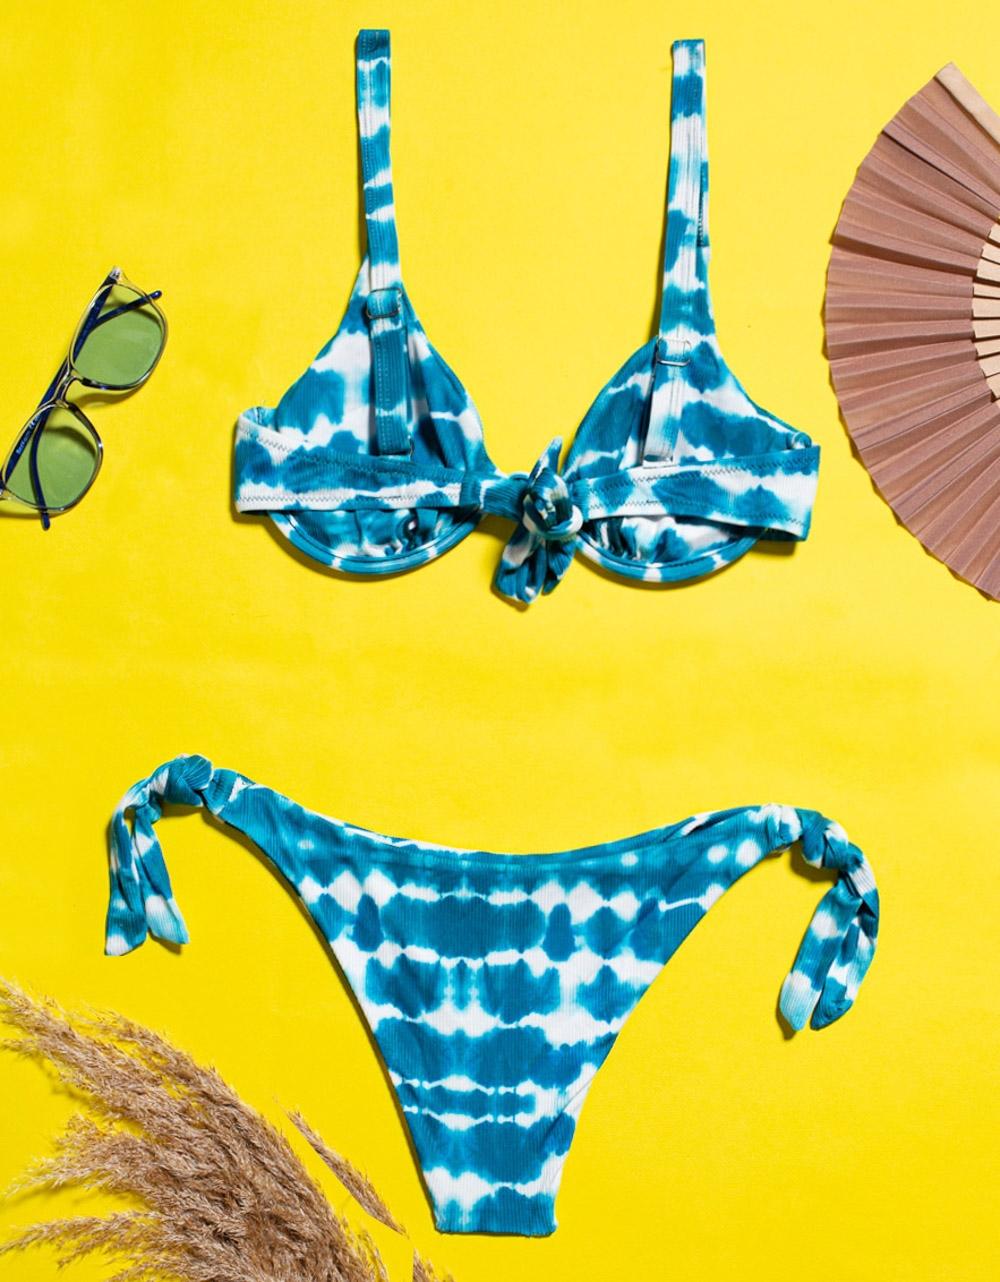 Εικόνα από Γυναικεία μαγιό σετ μπικίνι σε συνδυασμούς χρωμάτων Μπλε